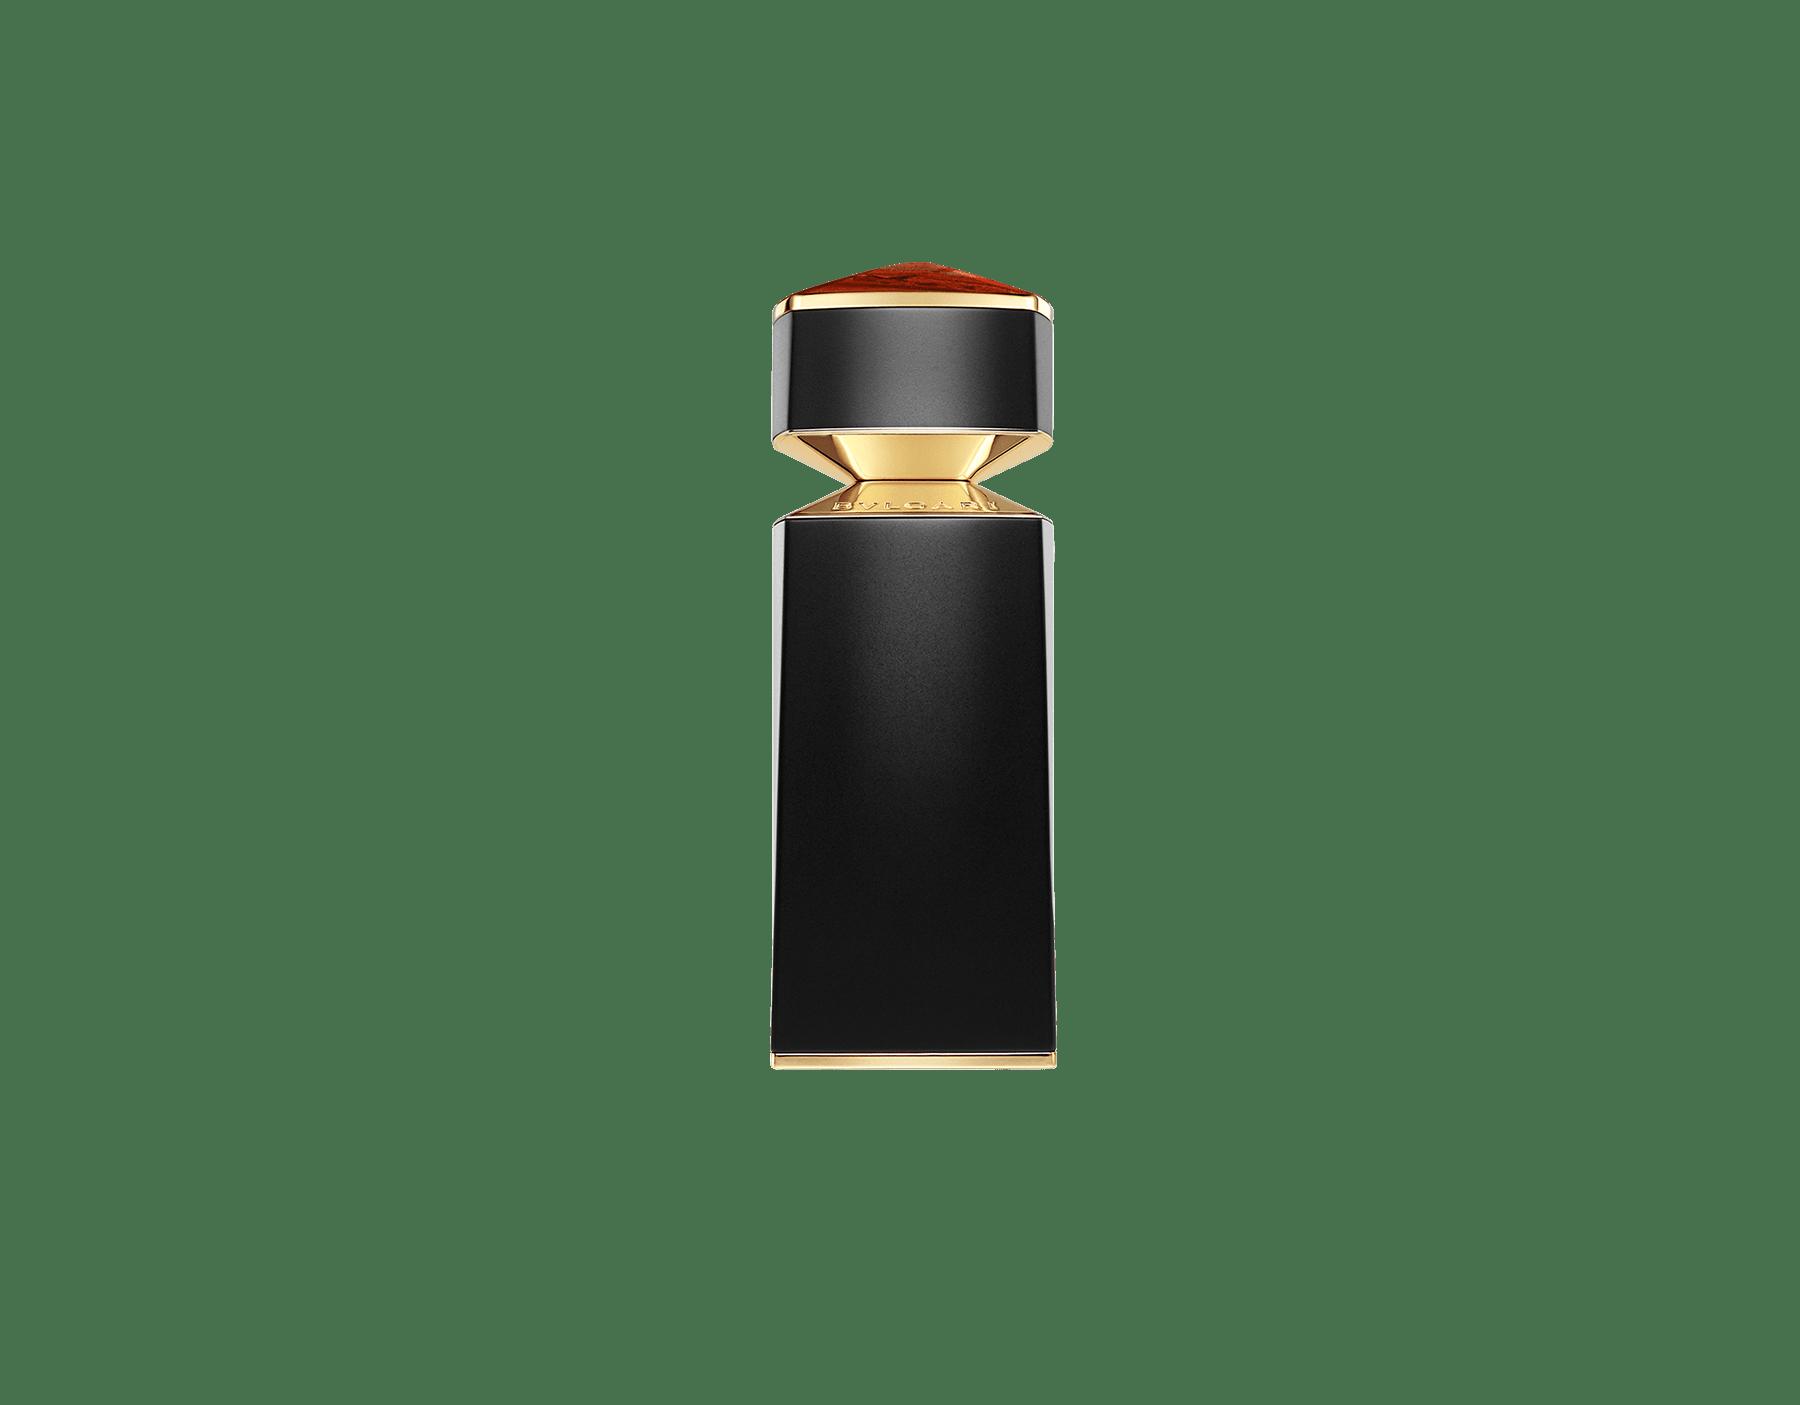 Соблазнительный восточный аромат на основе красного мускуса с сияющим сердцем сандалового дерева, приправленного сычуаньским перцем 40171 image 1